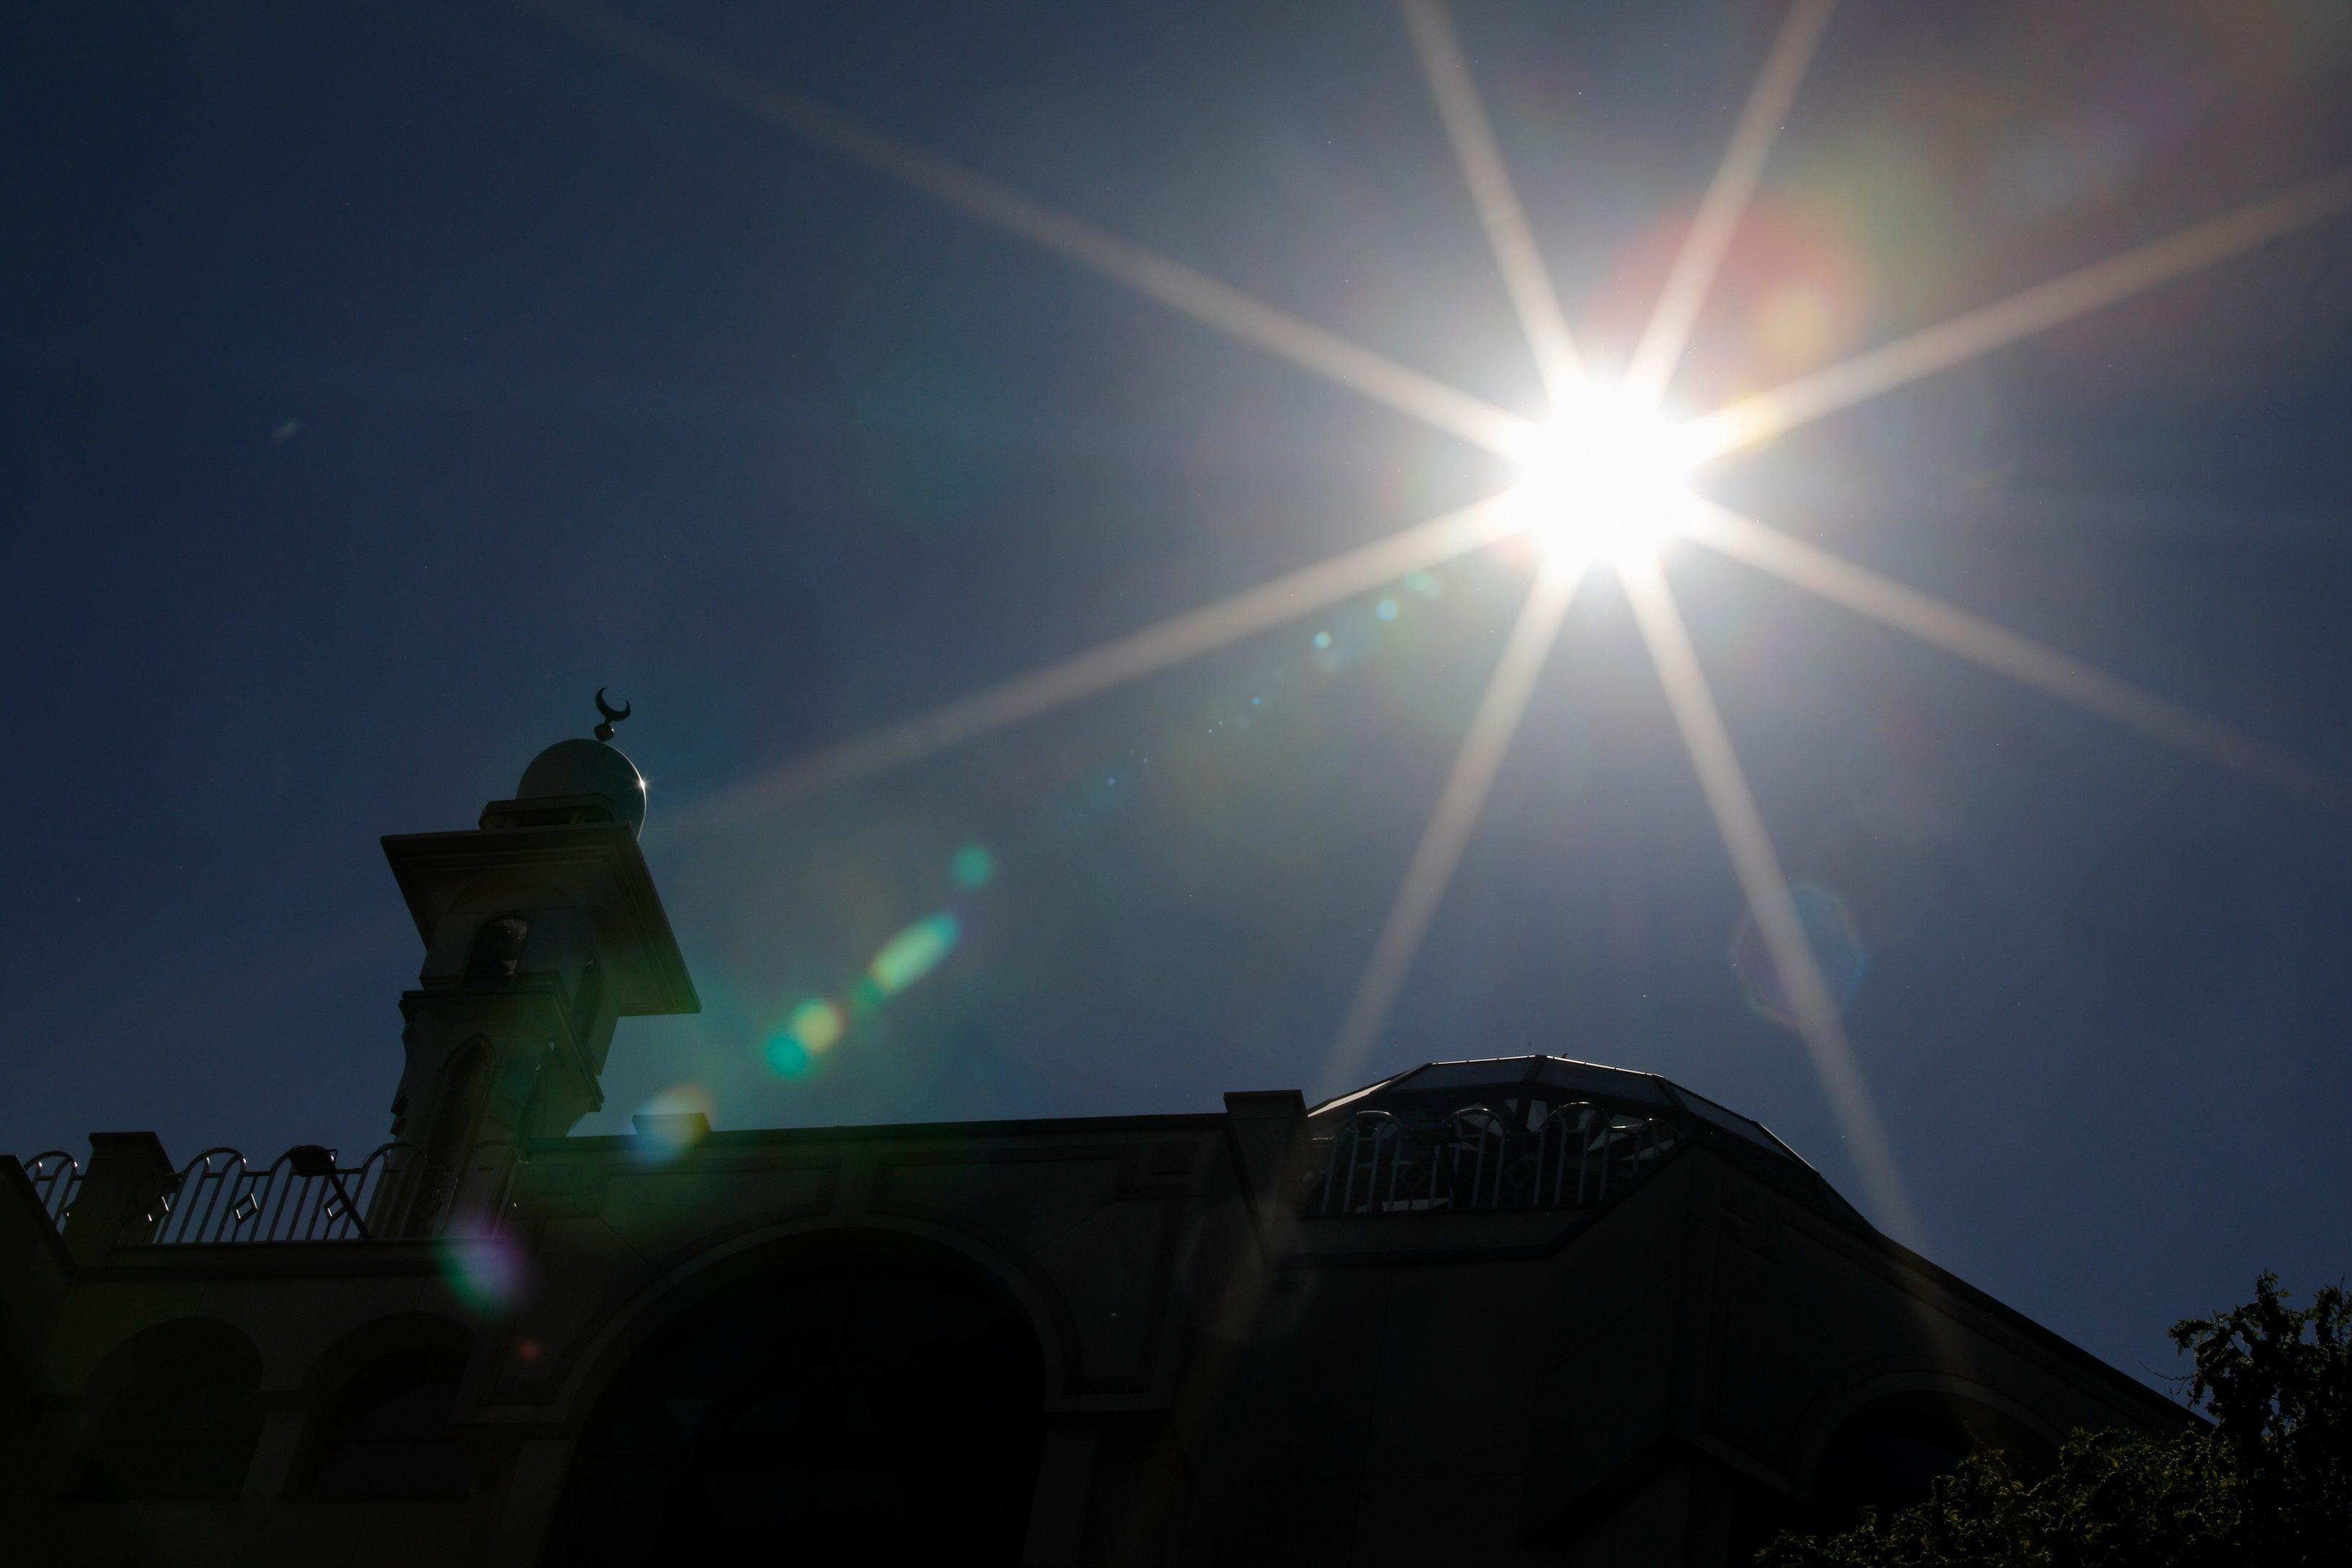 ผลวิจัยชี้ แสงแดด-ความชื้น มีประสิทธิภาพในการฆ่าเชื้อ โควิด-19